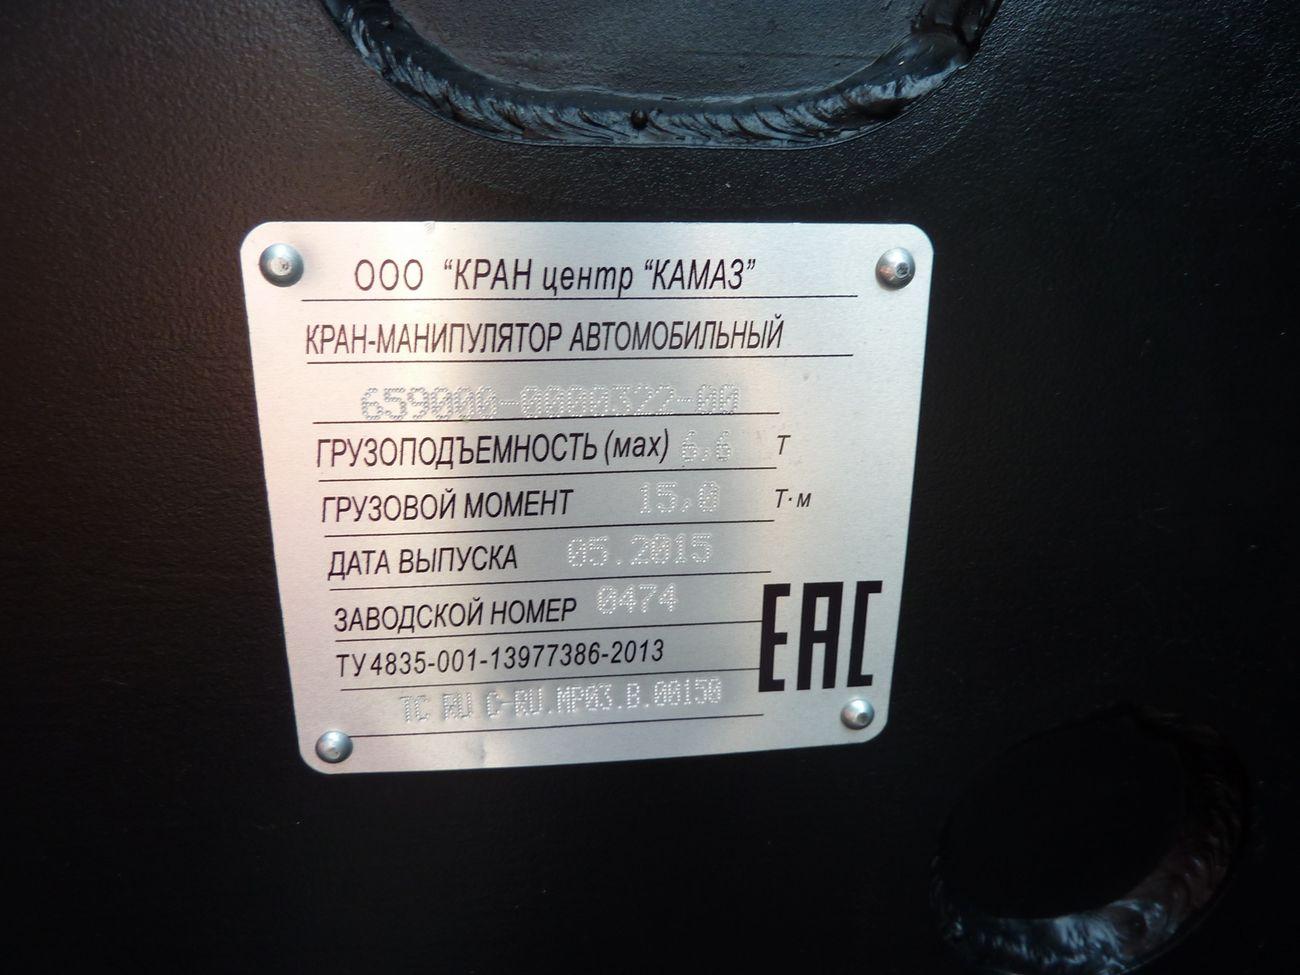 При «КАМАЗе» уже два года действует собственное подразделение, занимающееся установкой различных спецнадстроек и оборудования на шасси – «Кран центр КАМАЗ»